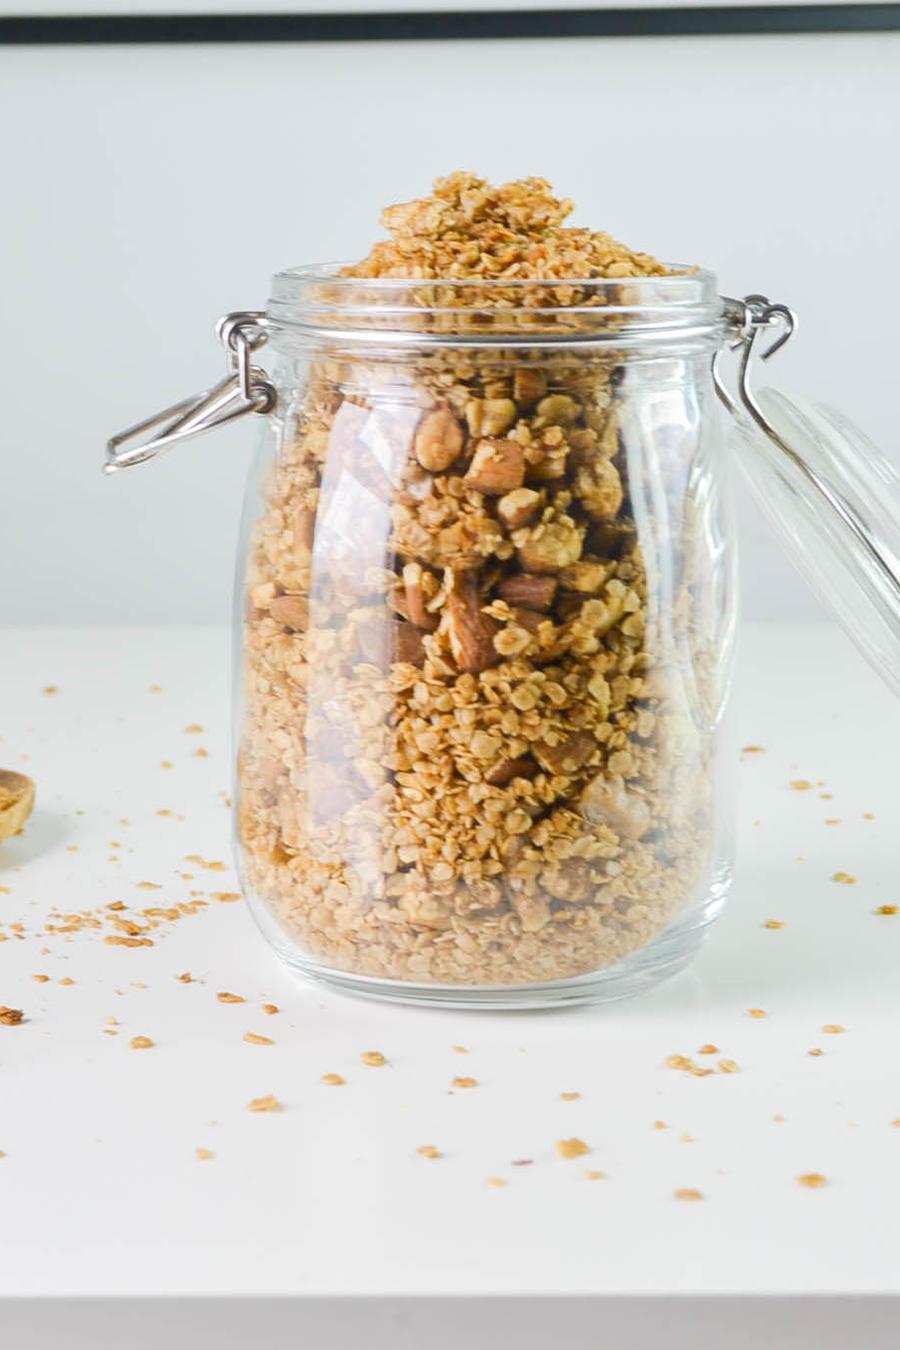 Envase de vidrio con granola y cuchara de madera